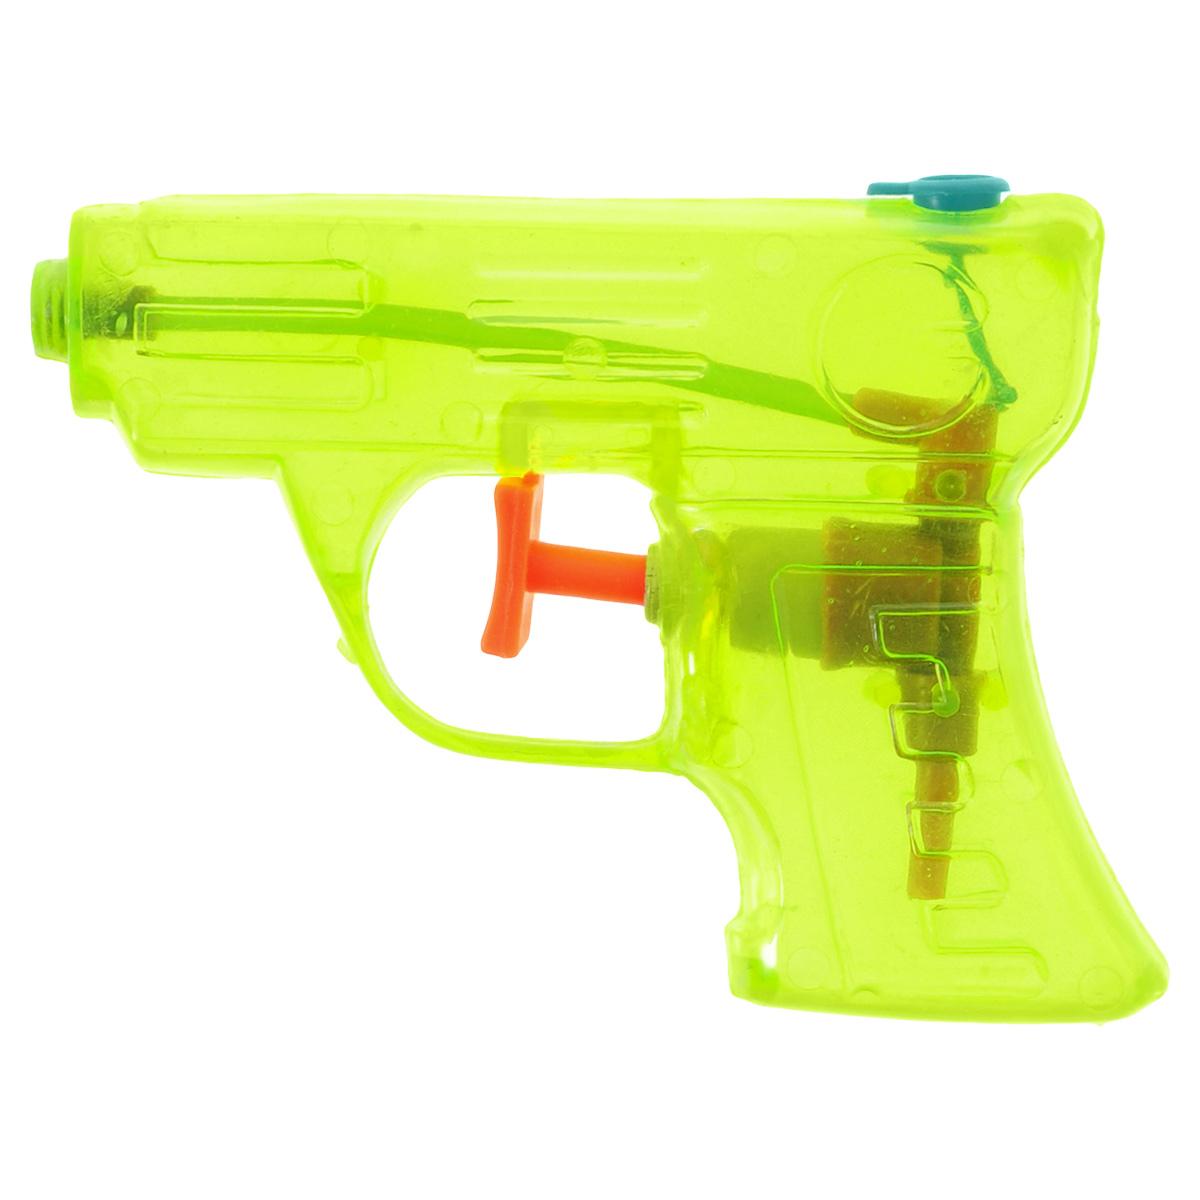 Водный пистолет Bebelot Шпион. BEB1106-001 водный пистолет bebelot суперагент beb1106 006